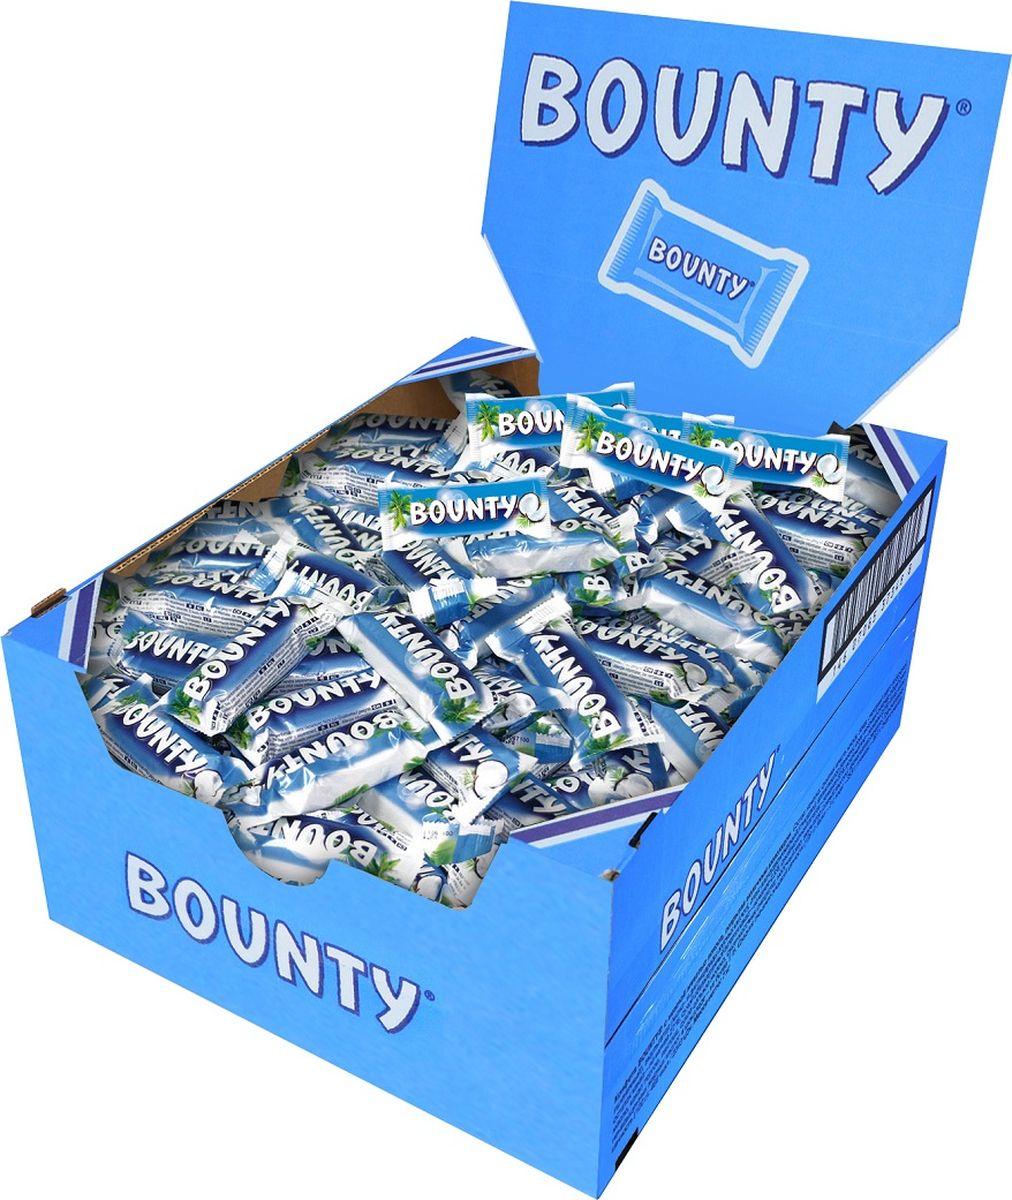 Bounty Minis шоколадный батончик, 7 кг0079007039Bounty - это нежнейшая мякоть кокоса, покрытая молочным шоколадом, изготовленным из отборных ингредиентов. Съешь Bounty и представь, что находишься на тропическом острове, забудь заботы и тревоги, получи райское наслаждение.